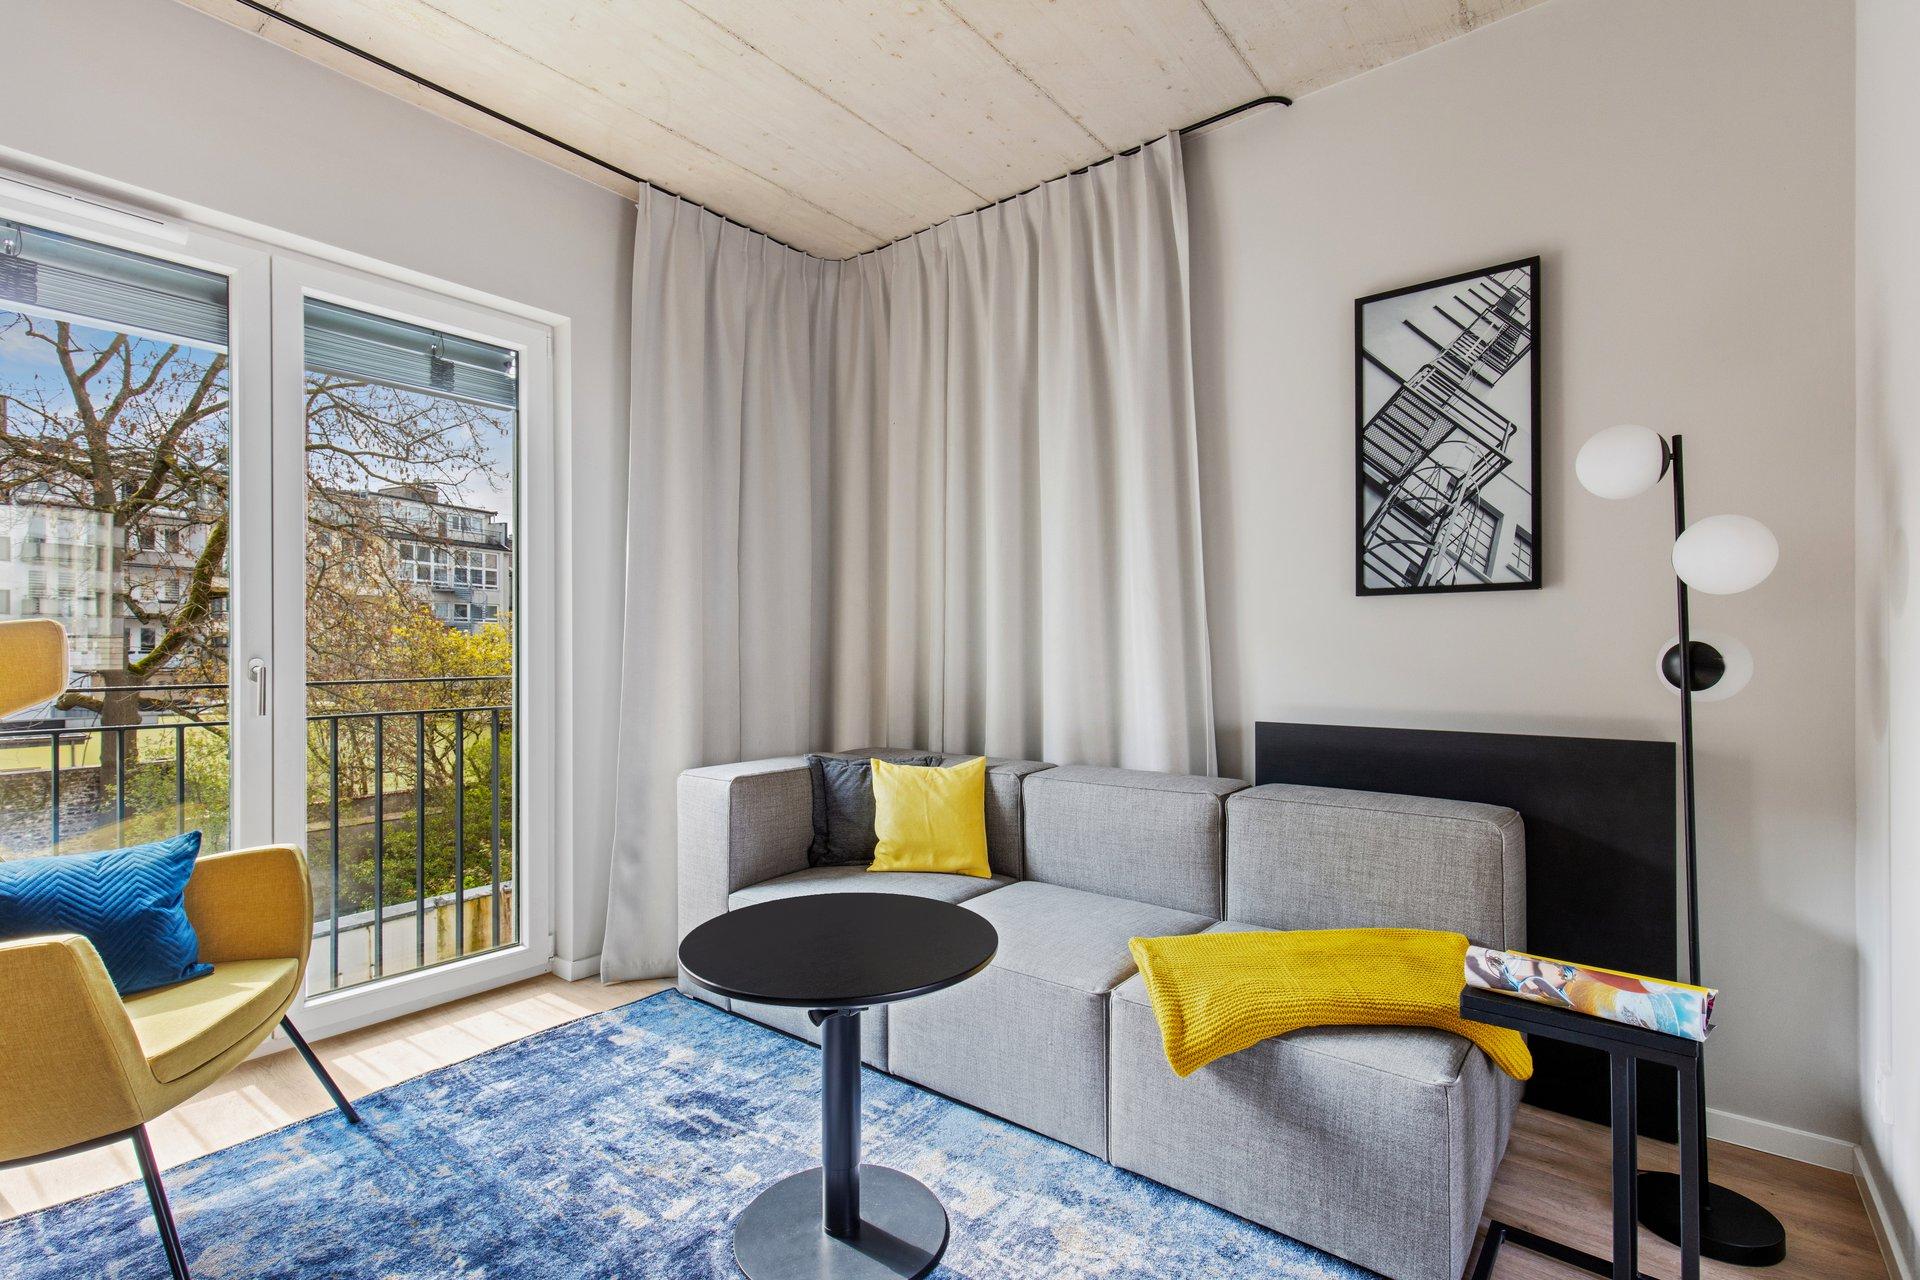 Moderner Wohnbereich ausgestattet mit Couch und tollem Ausblick im JOYN Serviced Apartment Düsseldorf